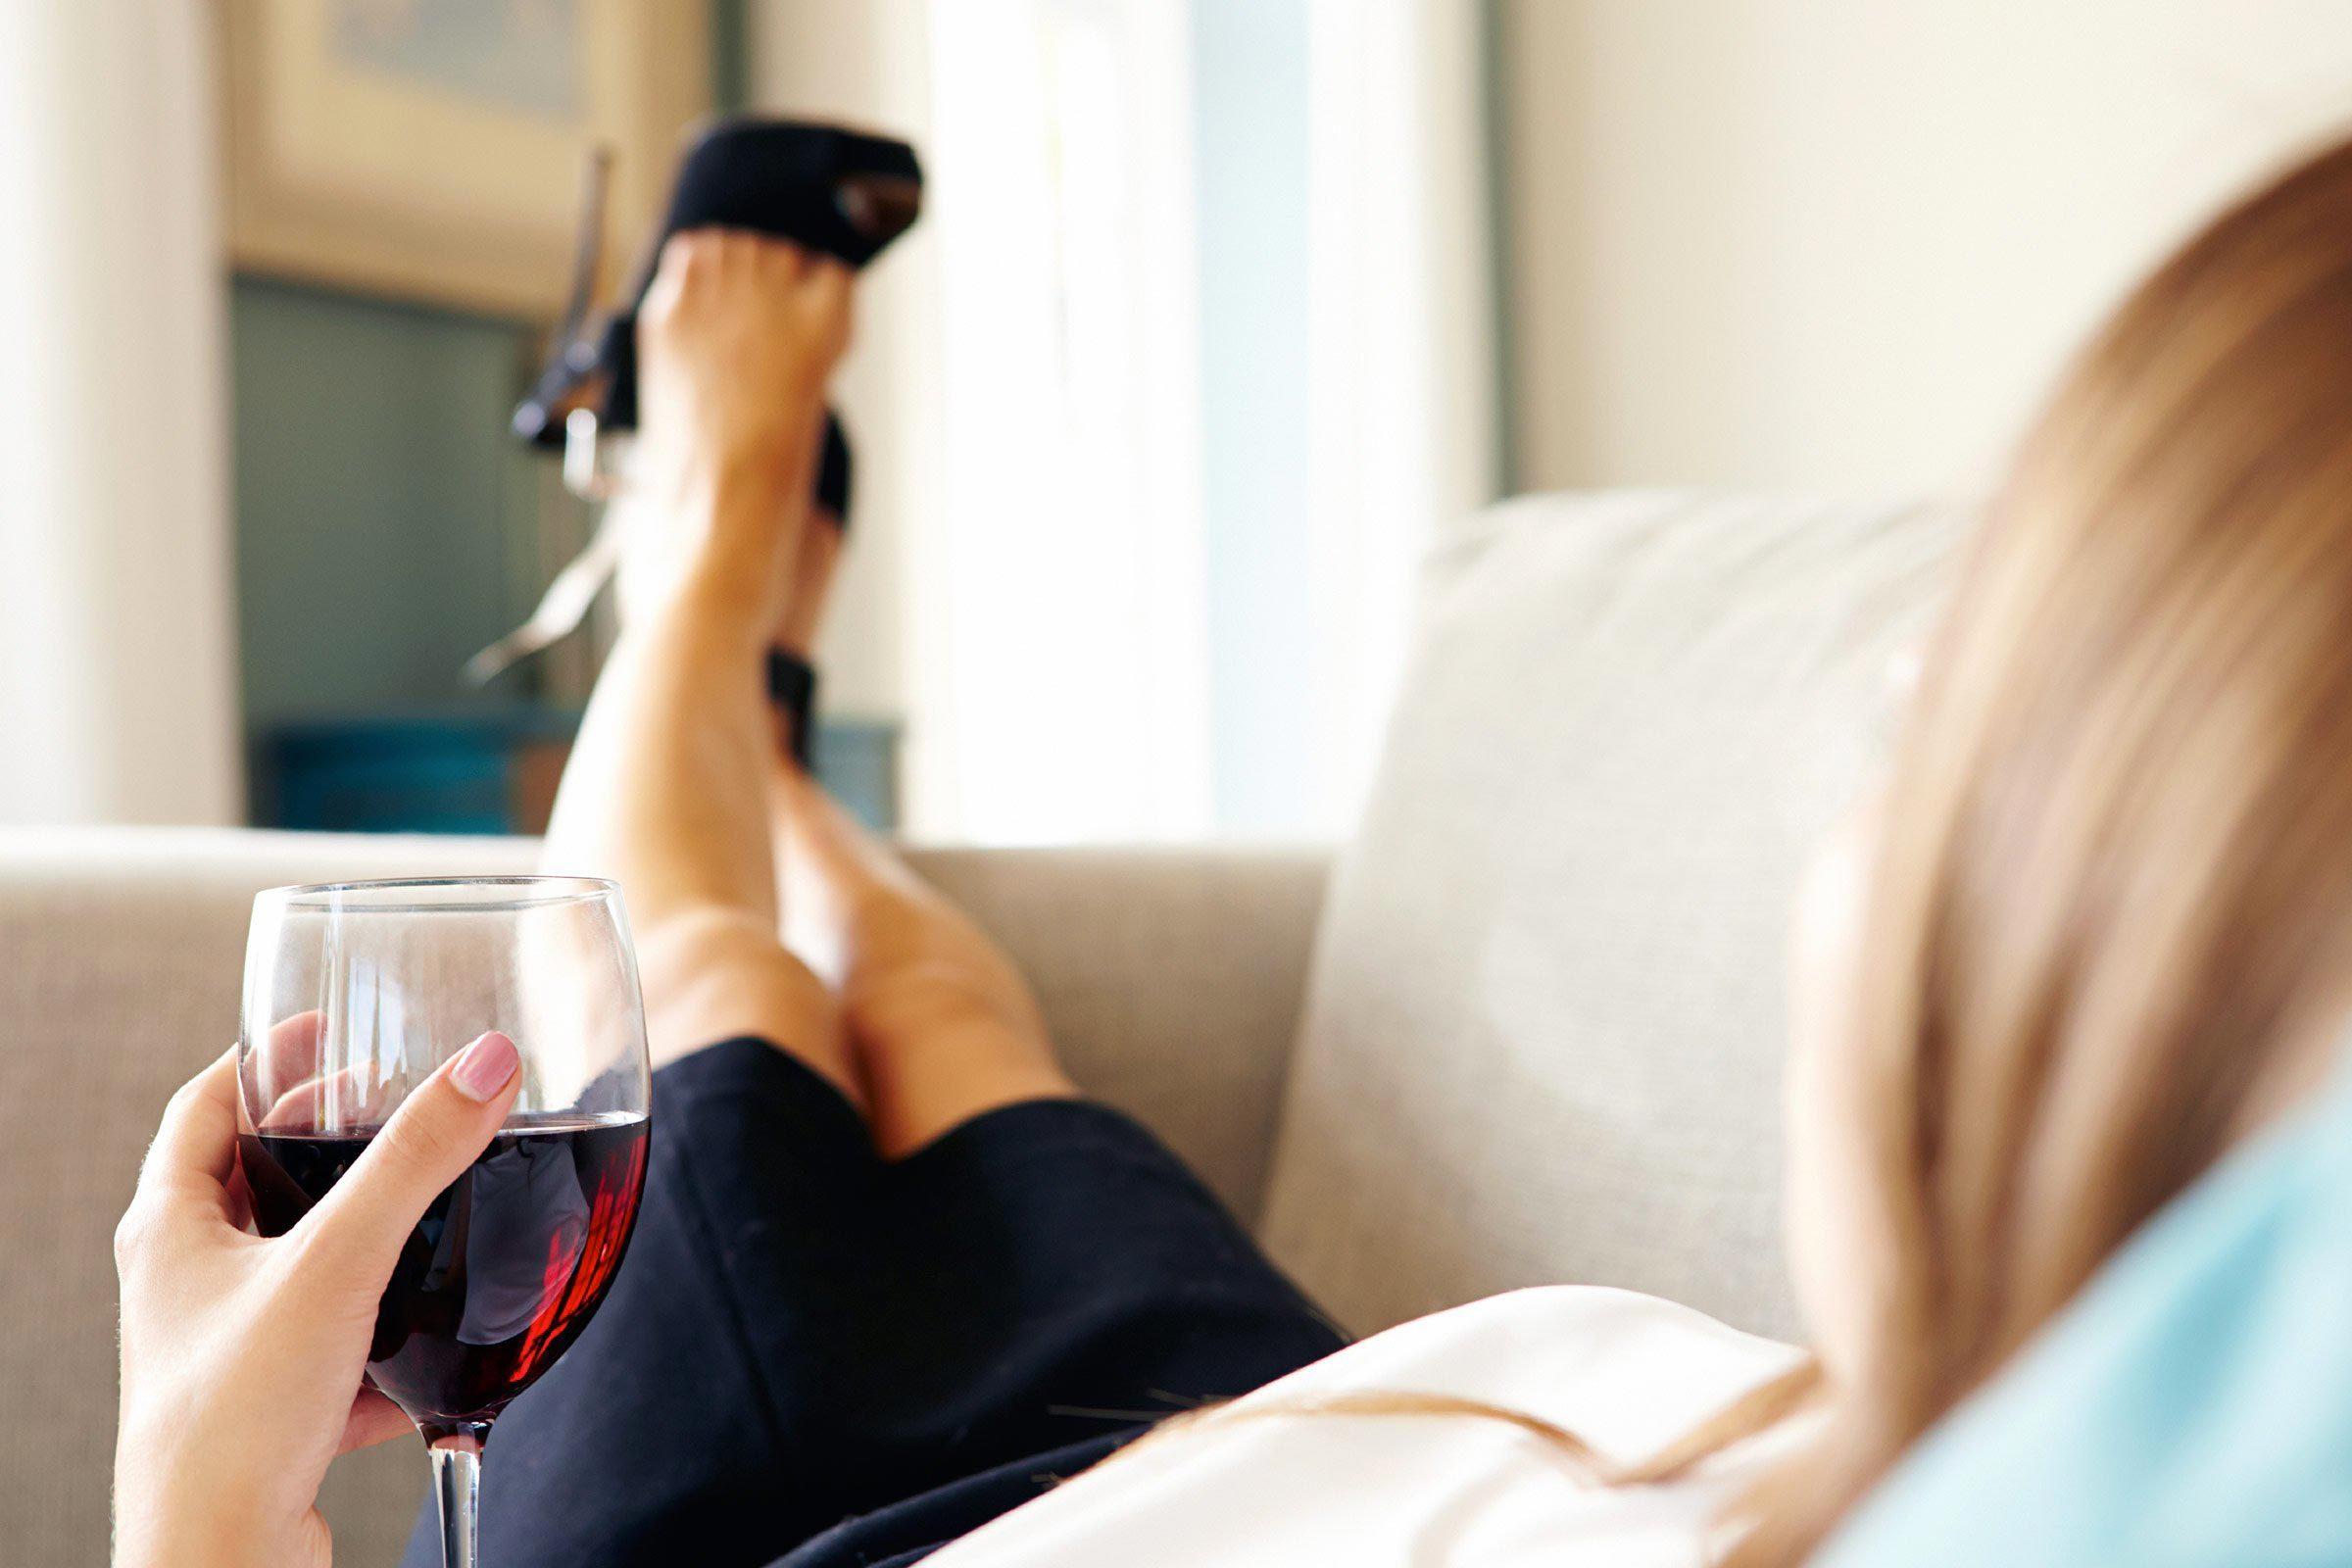 Pour mieux dormir, servez-vous un verre avant le souper.